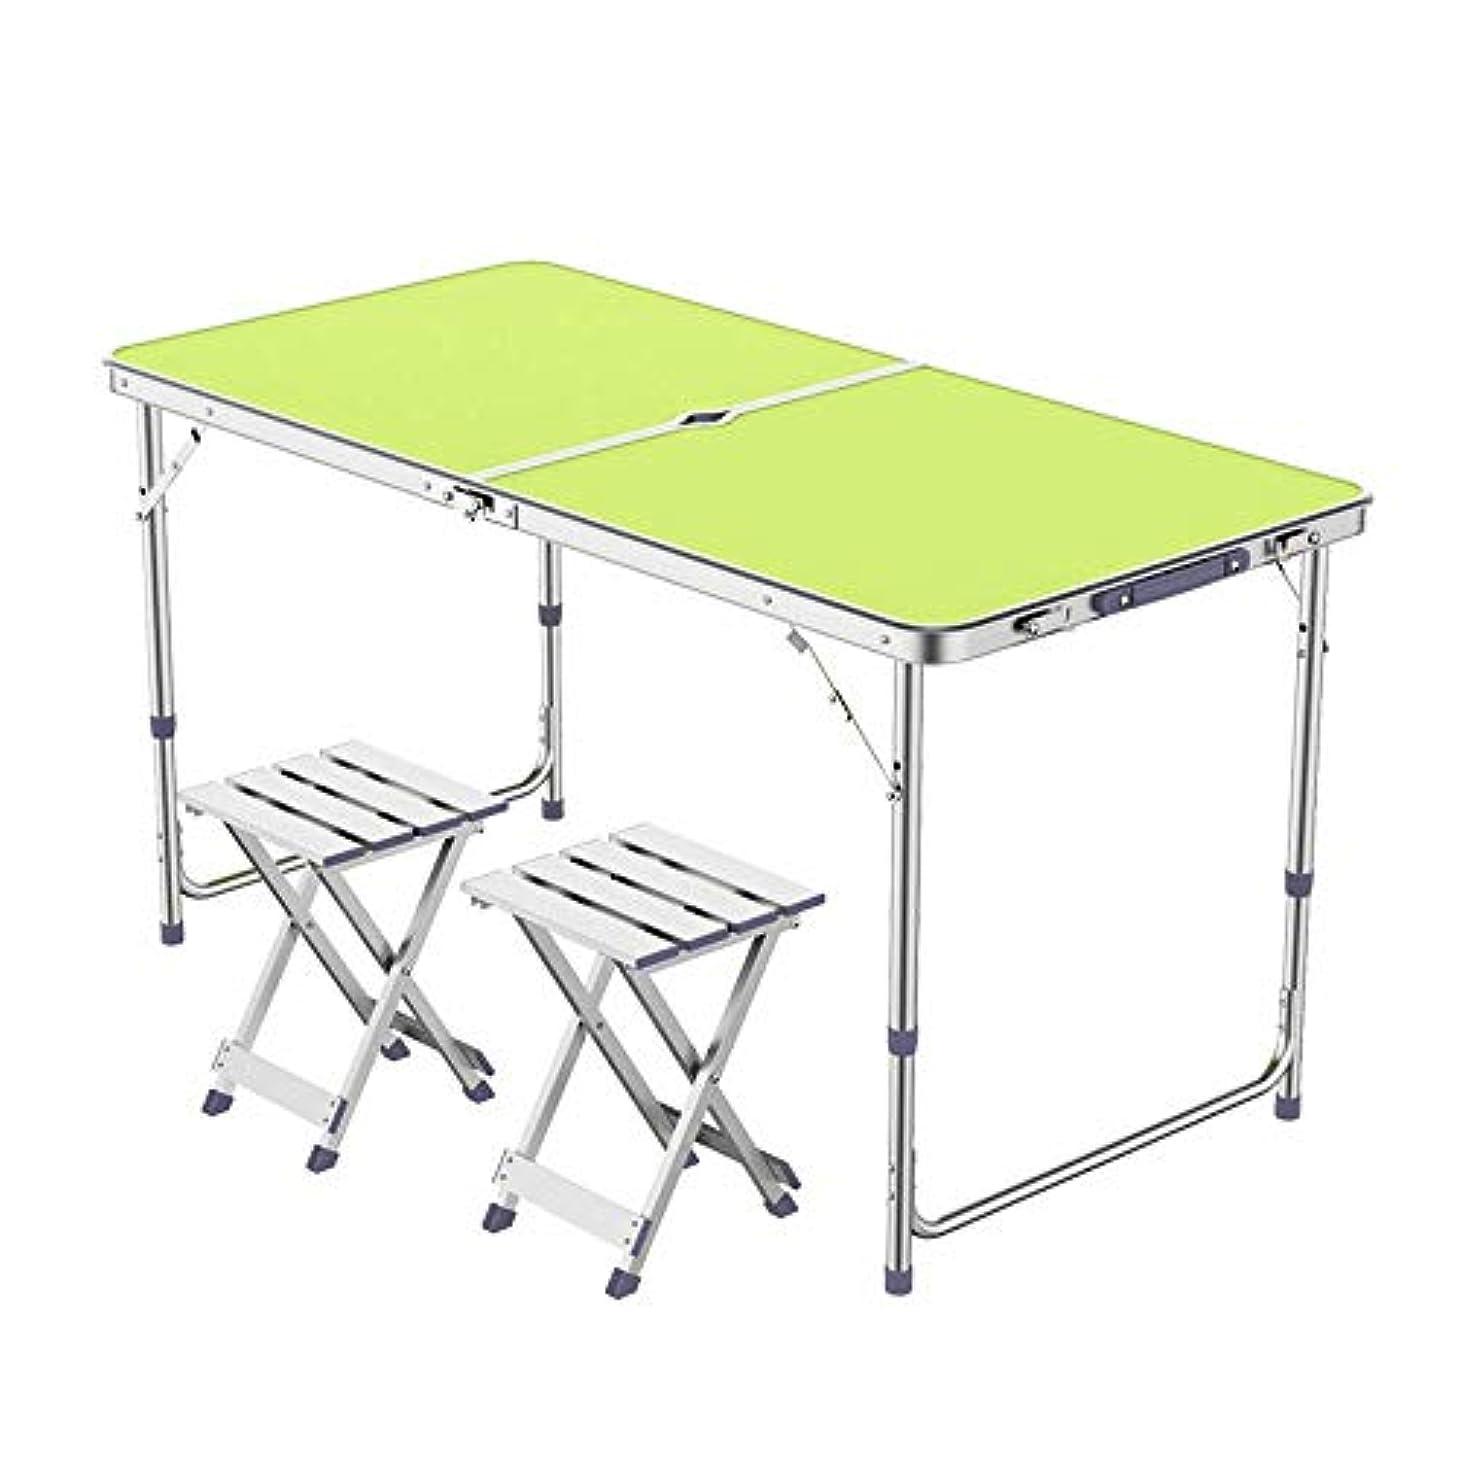 余分な気を散らすダイバーL-H-X 折りたたみテーブル屋外拡散テーブルプッシュ折りたたみテーブルポータブルホームシンプルなダイニングテーブルと椅子ピクニックテーブル(テーブル+アルミスツールX 2) (版 ばん : B)